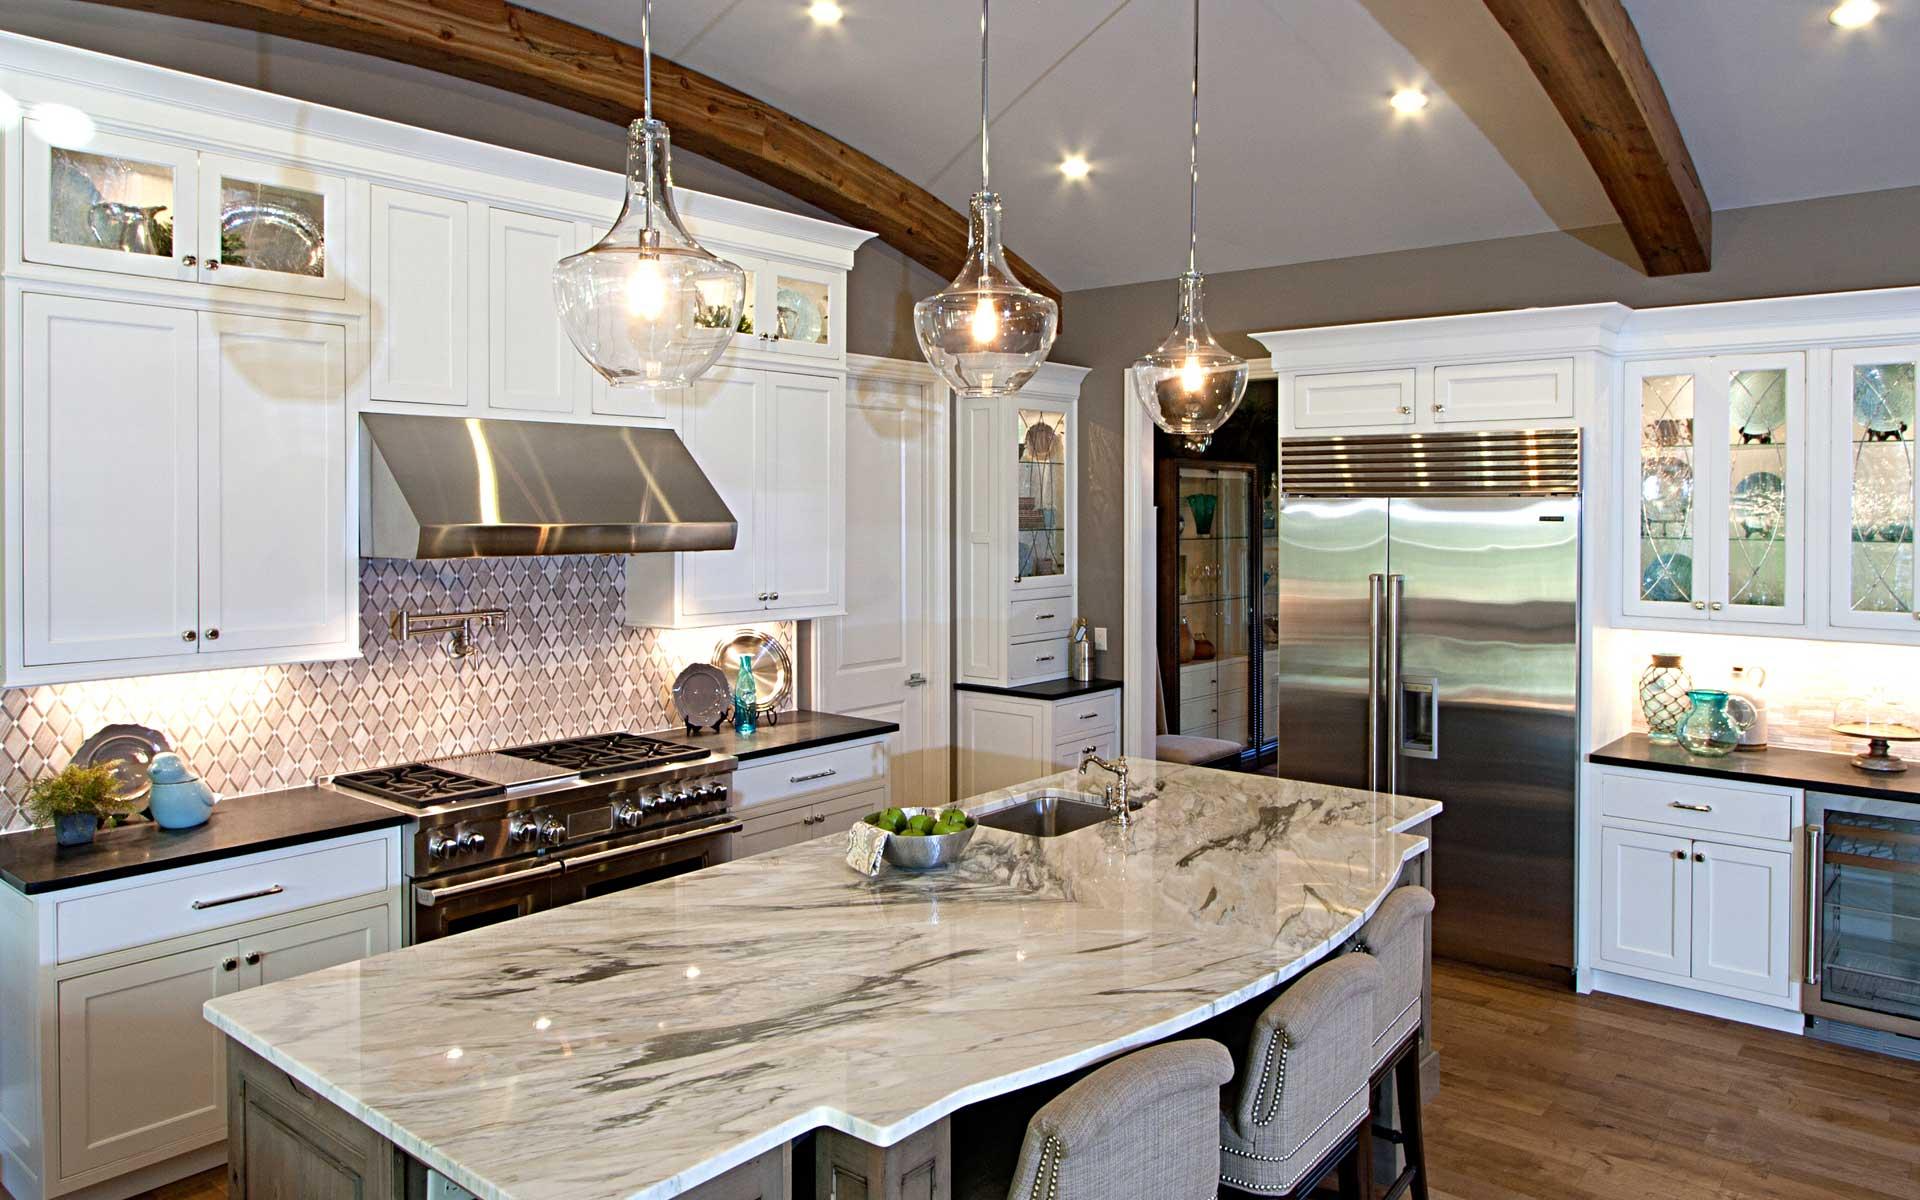 cincykitchens kitchen remodel cincinnati Serving the Greater Cincinnati area